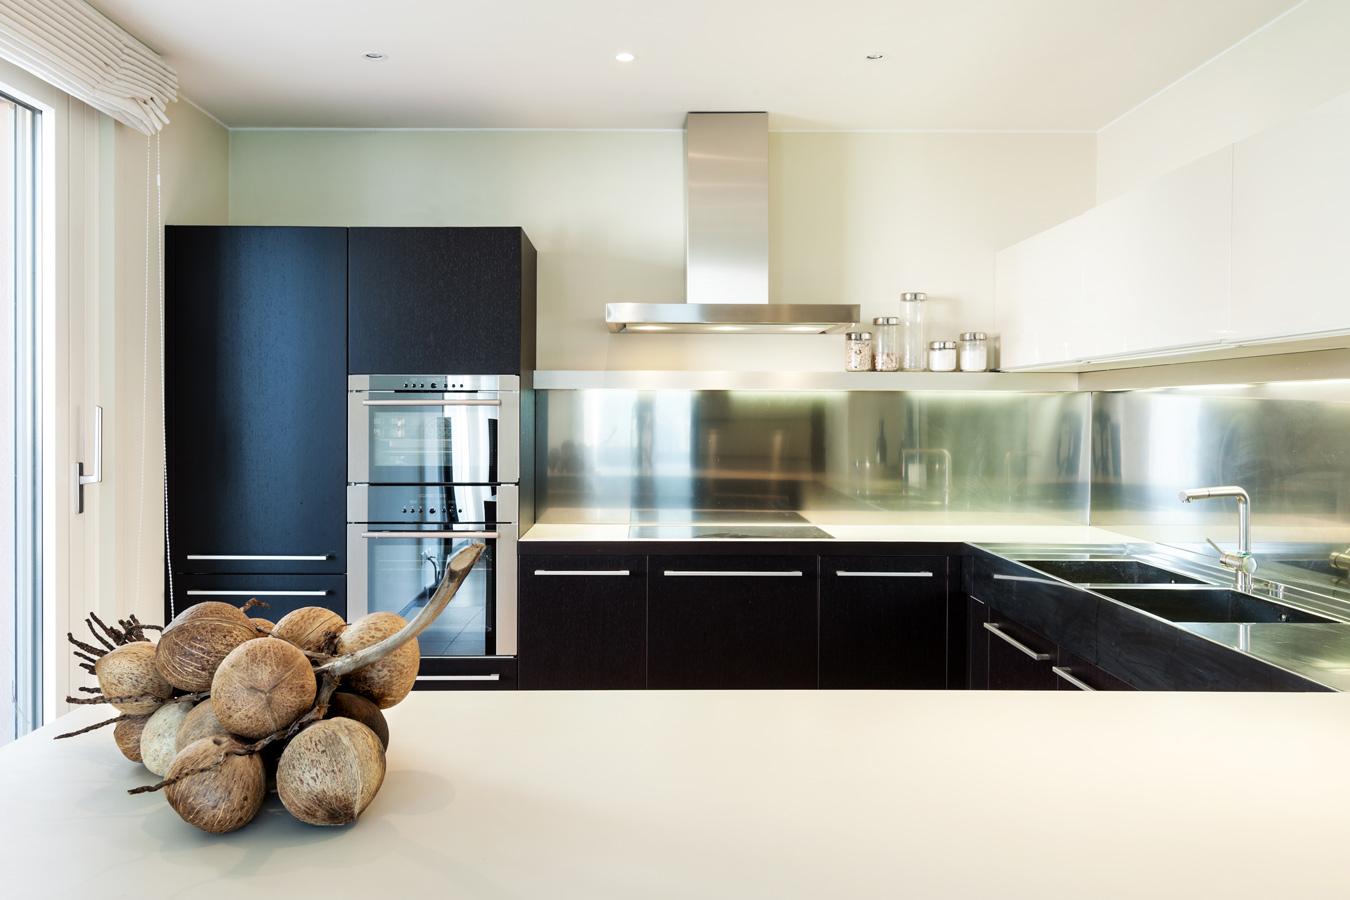 Keuken Ergonomie Afmetingen : Moderne keuken met inbouw spoelbakken